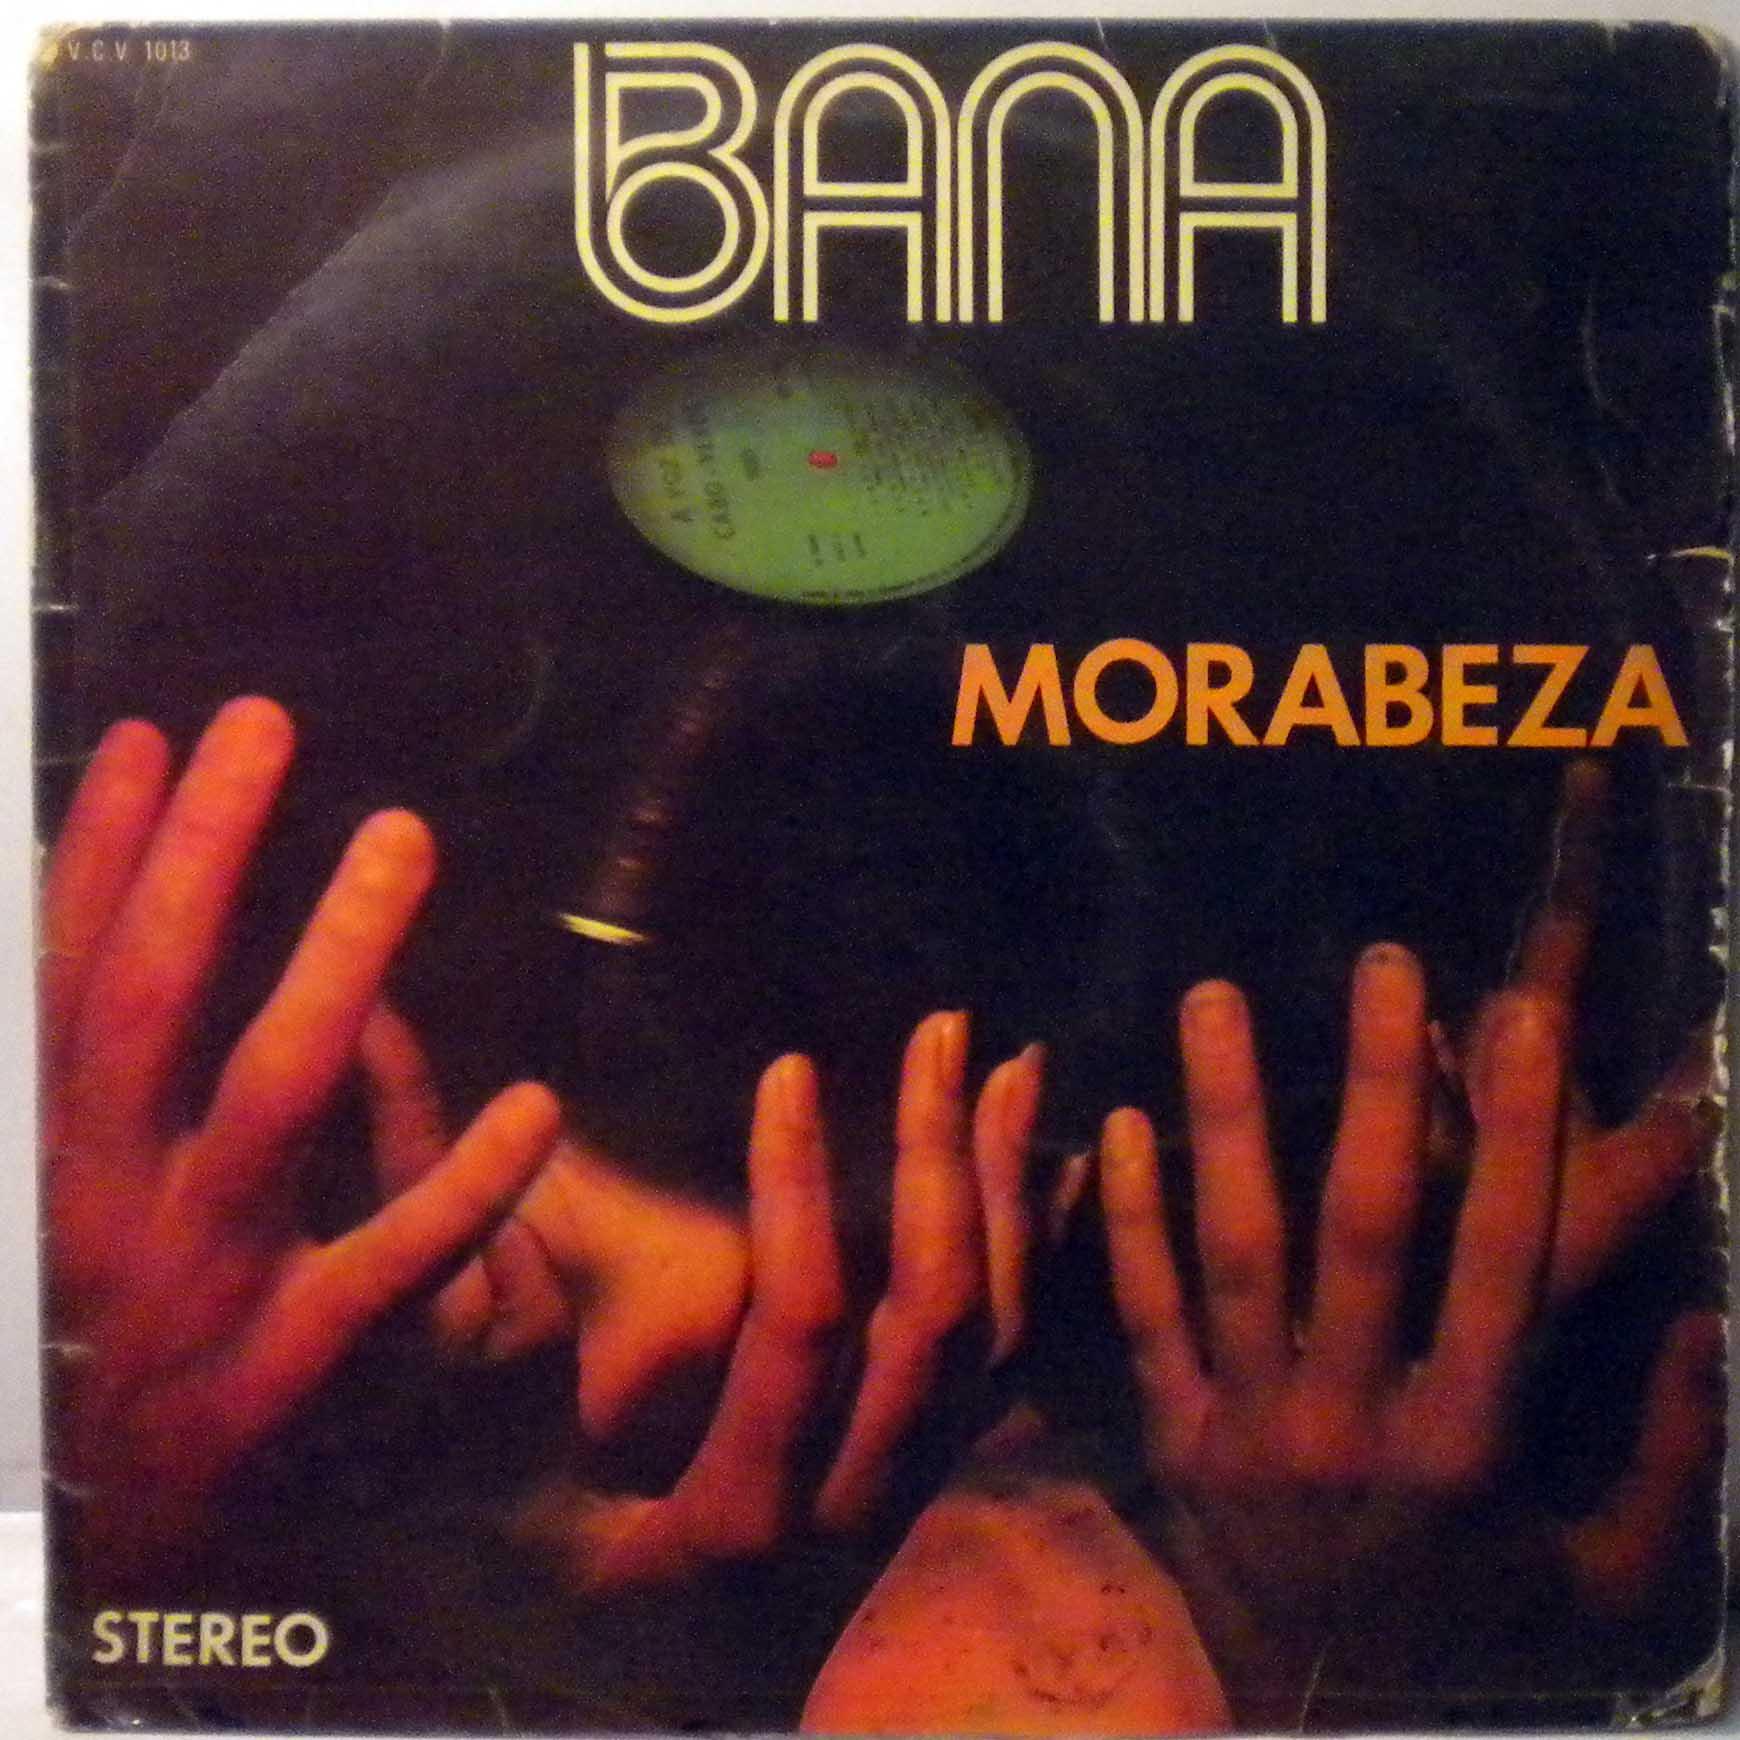 BANA - Morabeza - LP